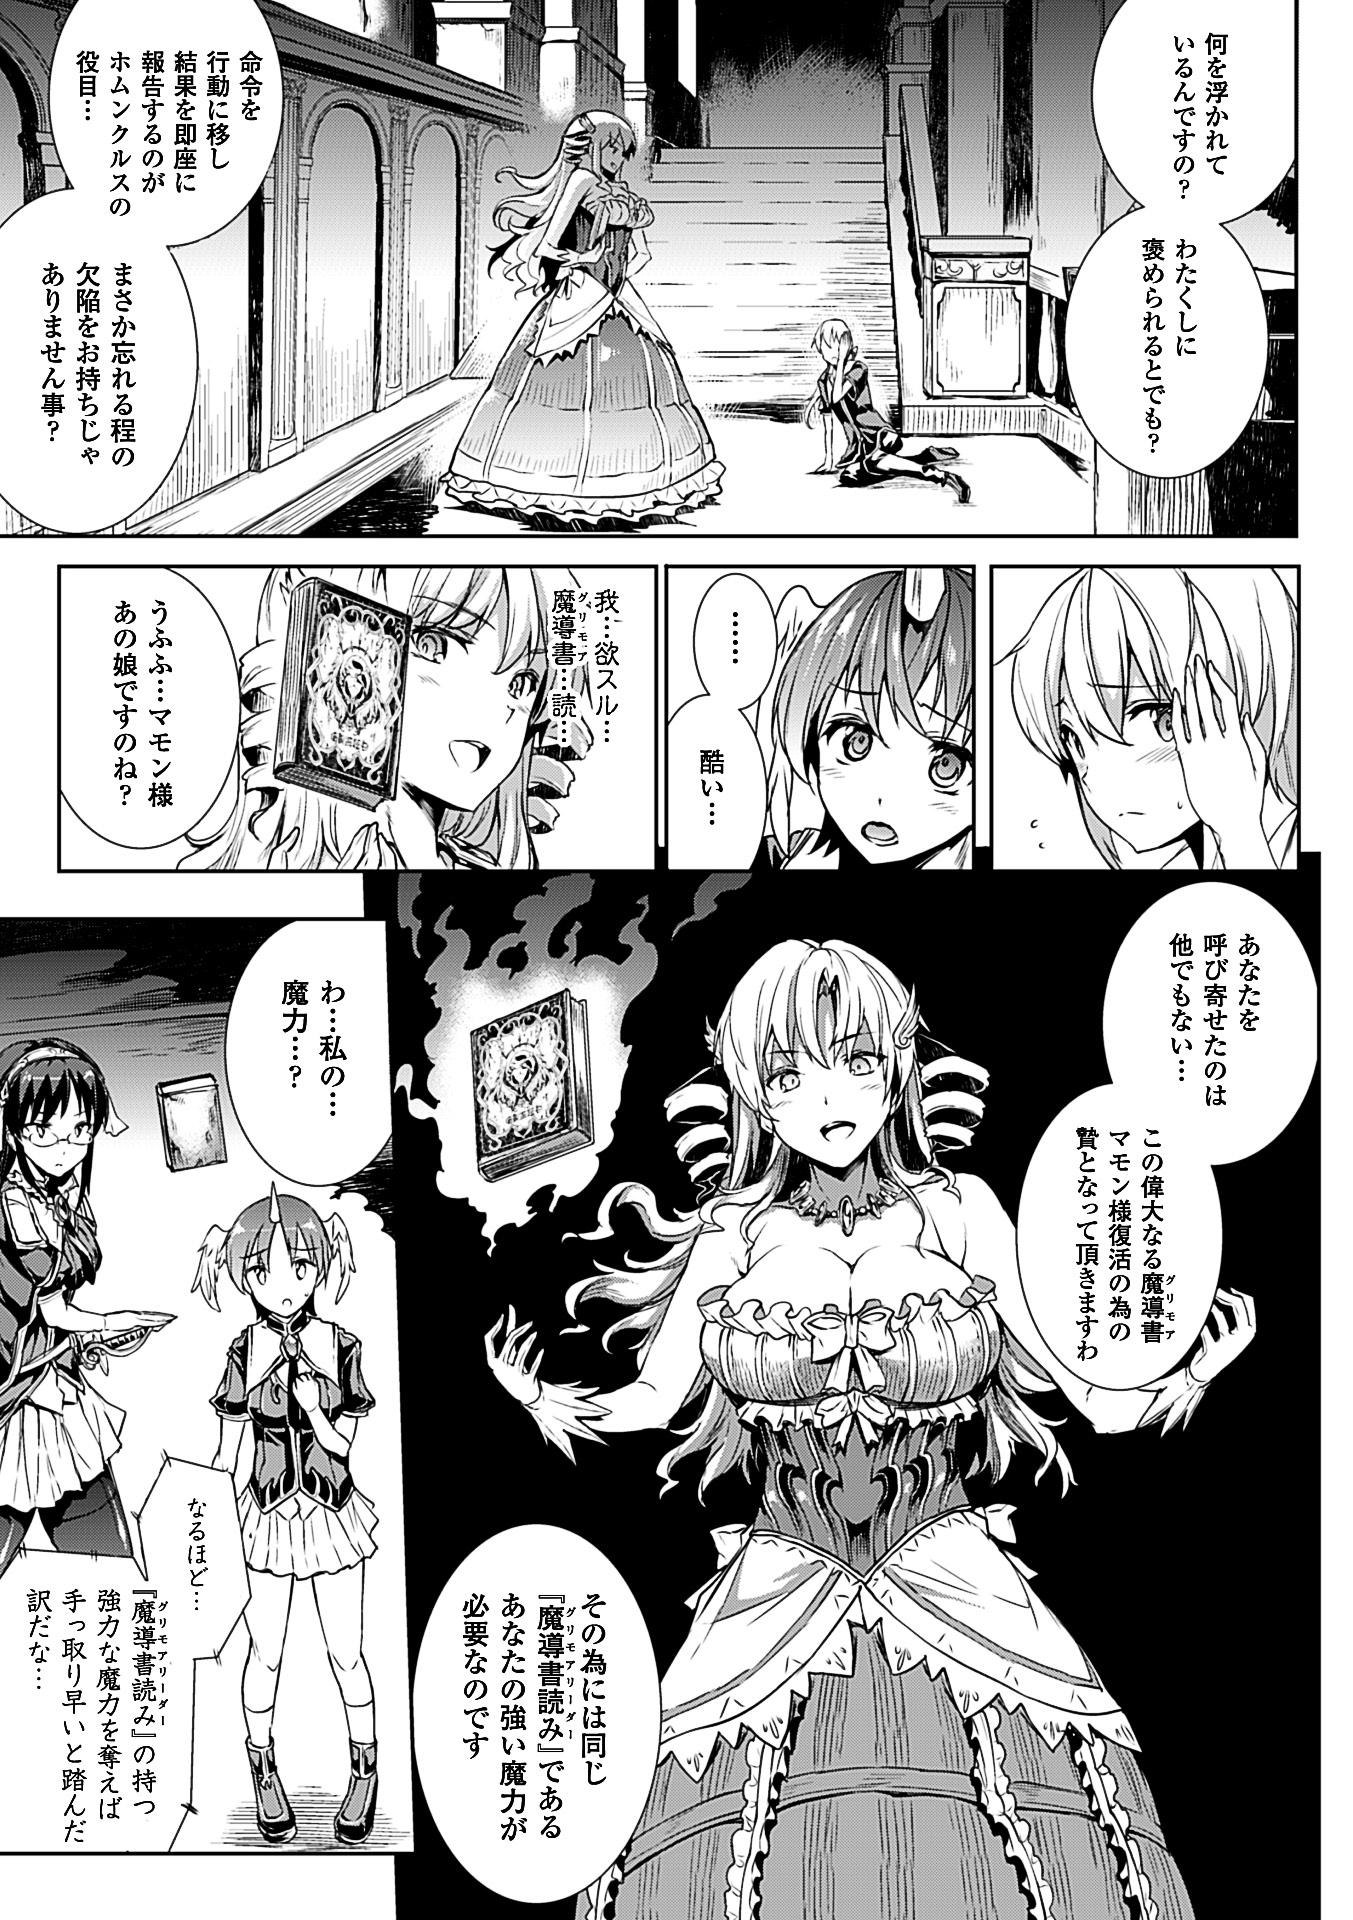 Shinkyoku no Grimoire II 8